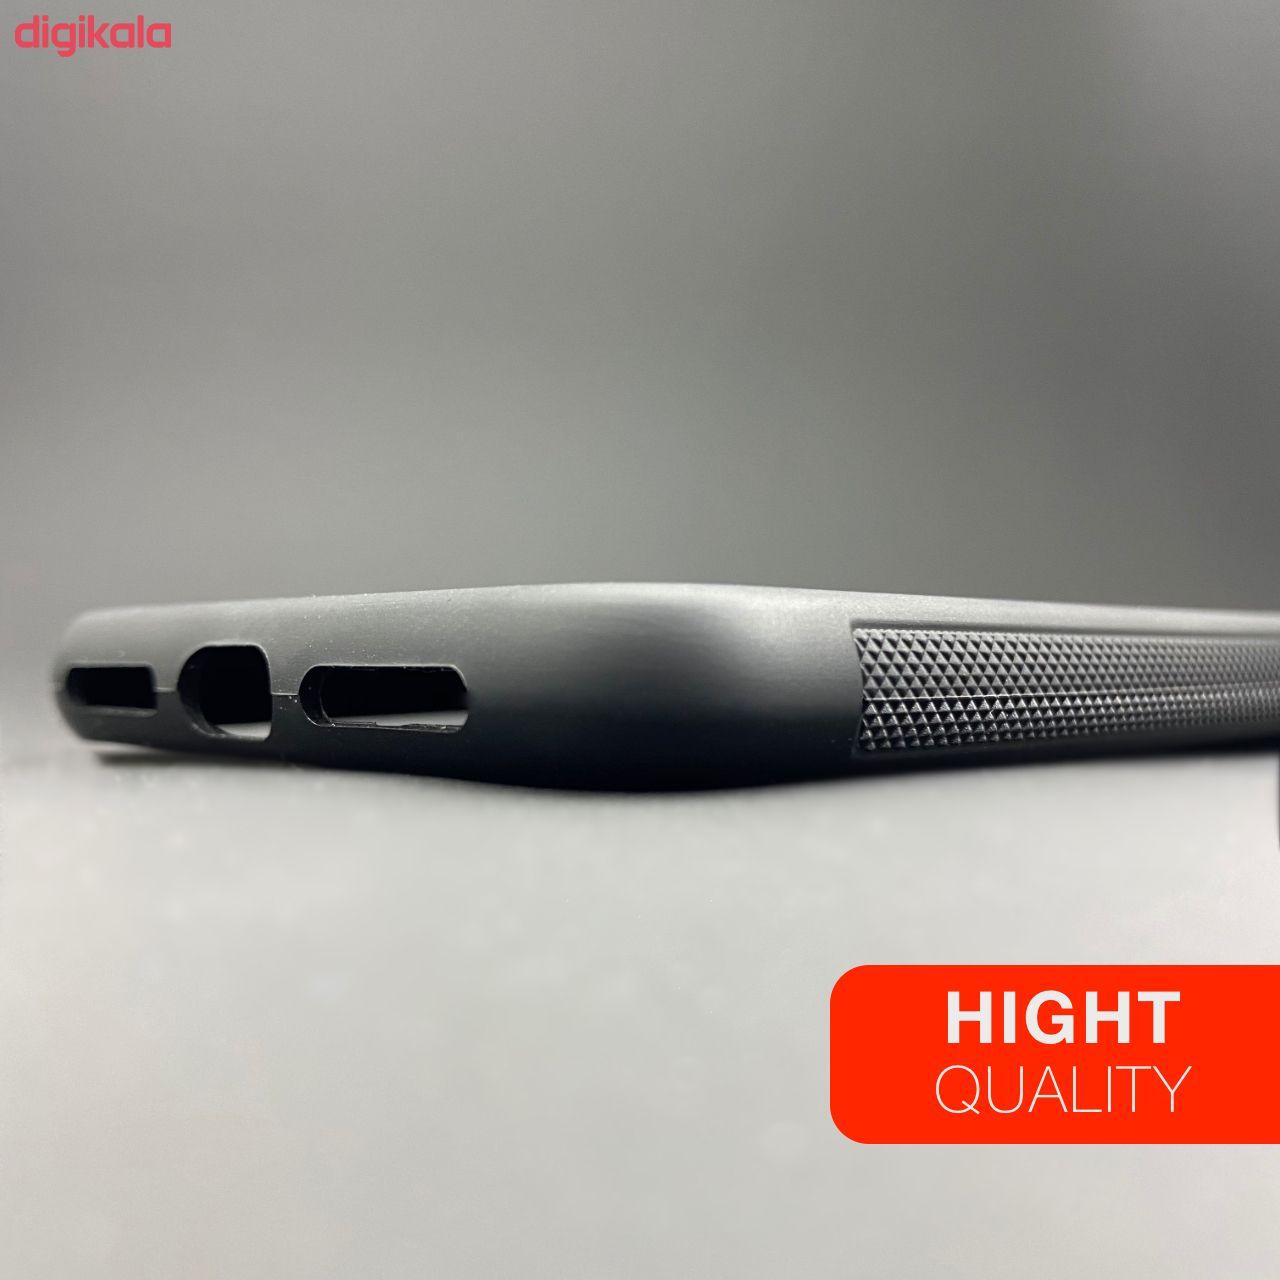 کاور آکام مدل A71797 مناسب برای گوشی موبایل اپل iPhone 7/8 main 1 3